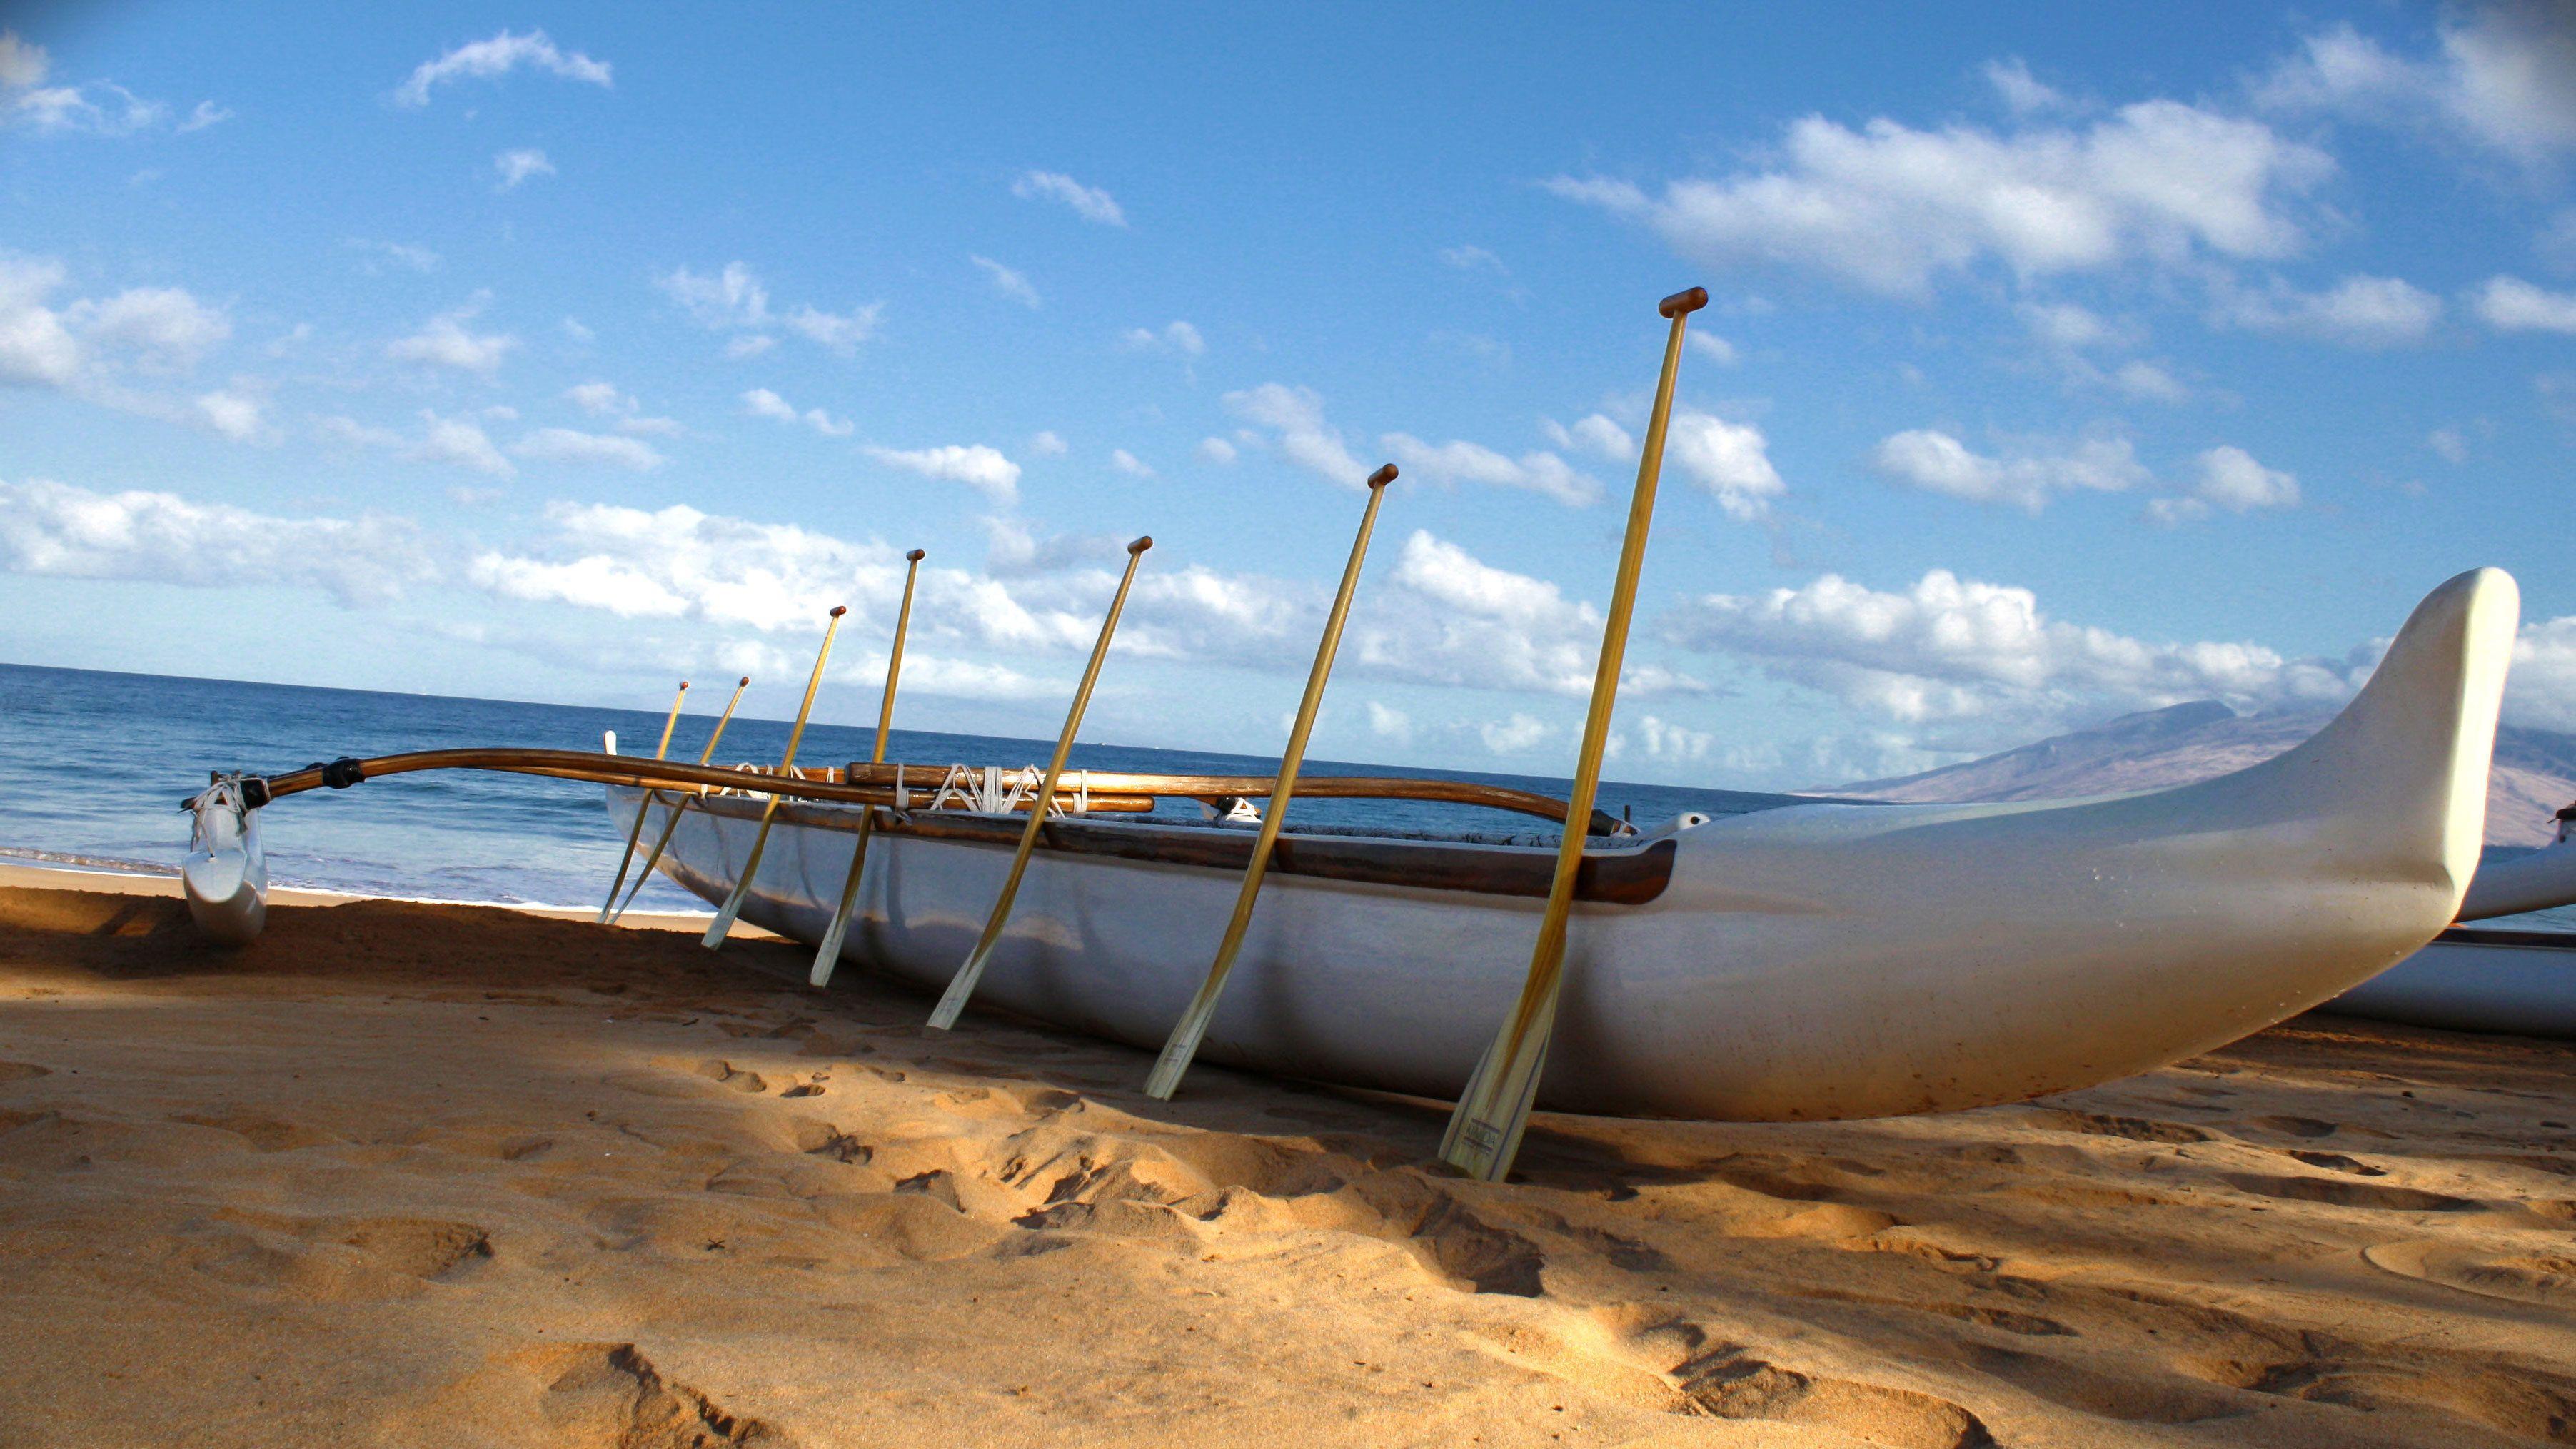 Outrigger canoe on the beach on Maui